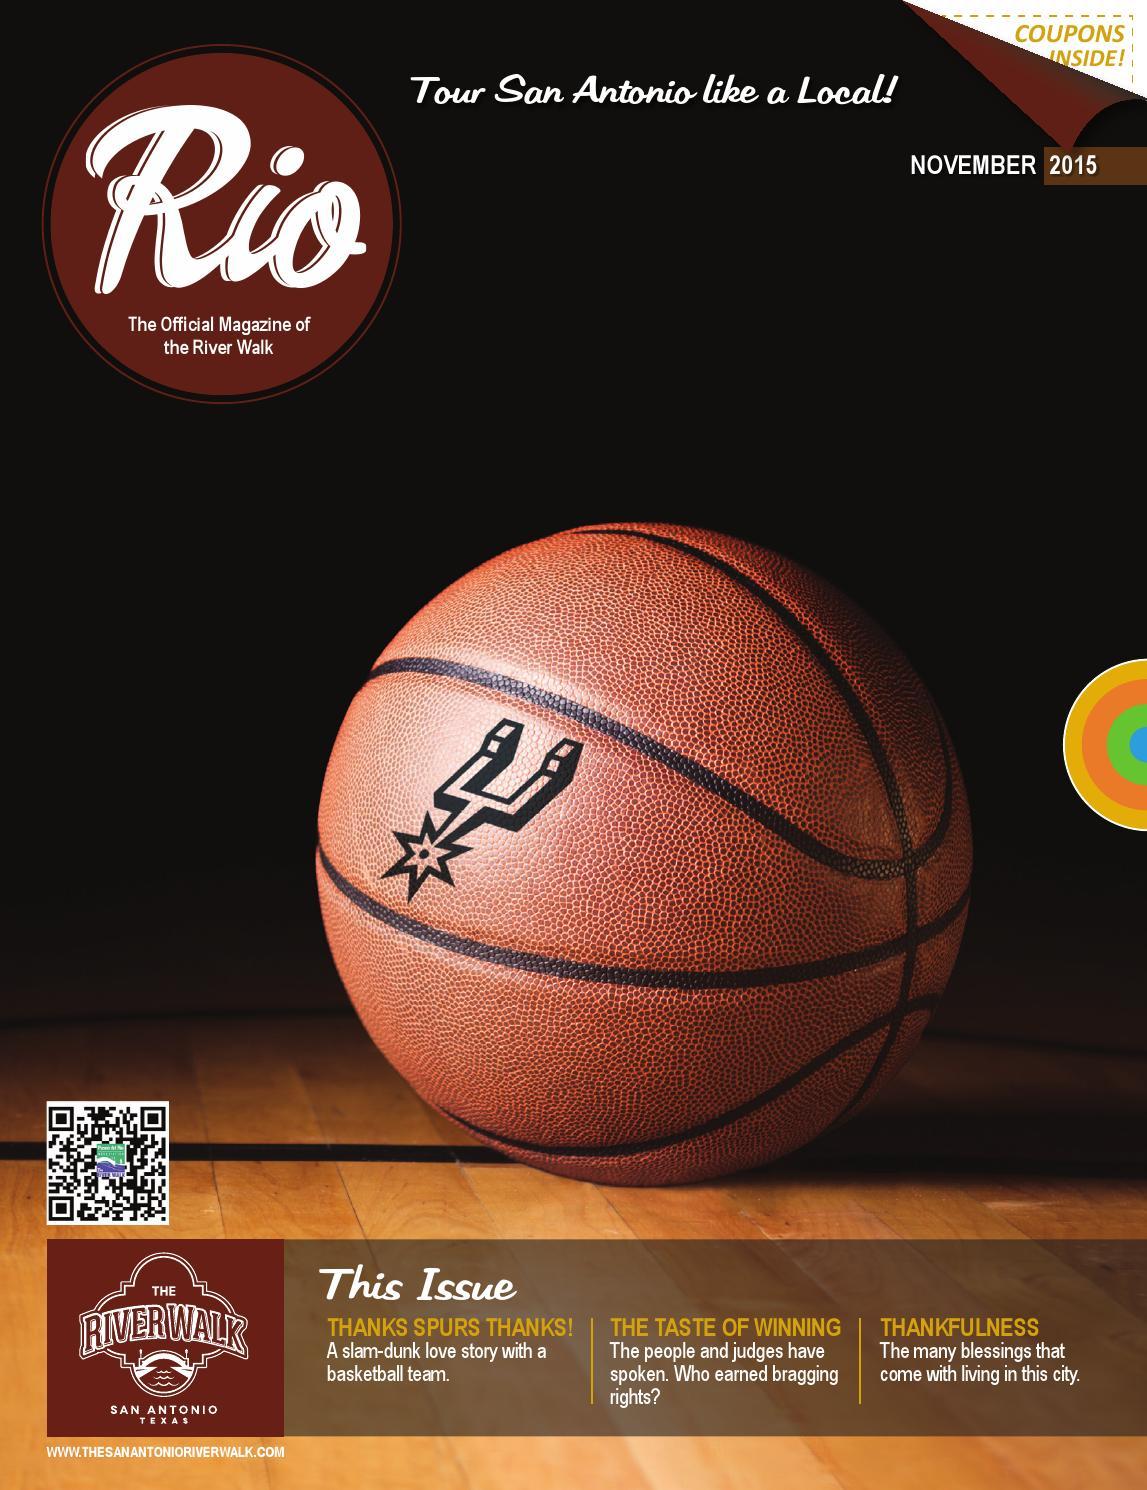 rio magazine november 2015 by traveling blender - issuu